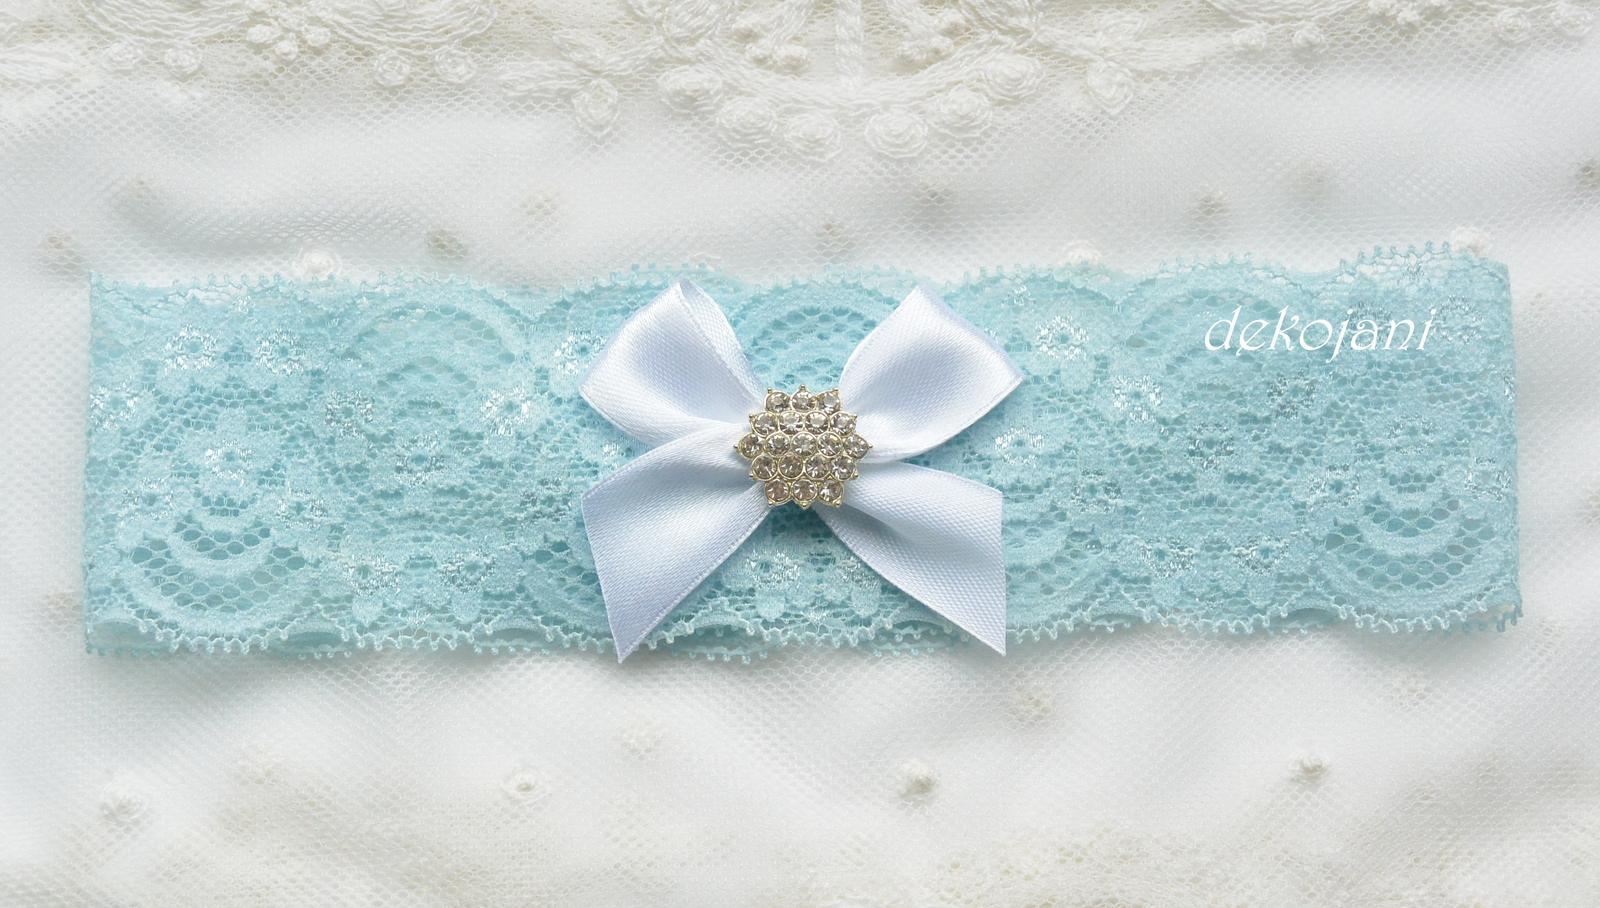 Luxusní svatební doplňky a dekorace. - Obrázek č. 19